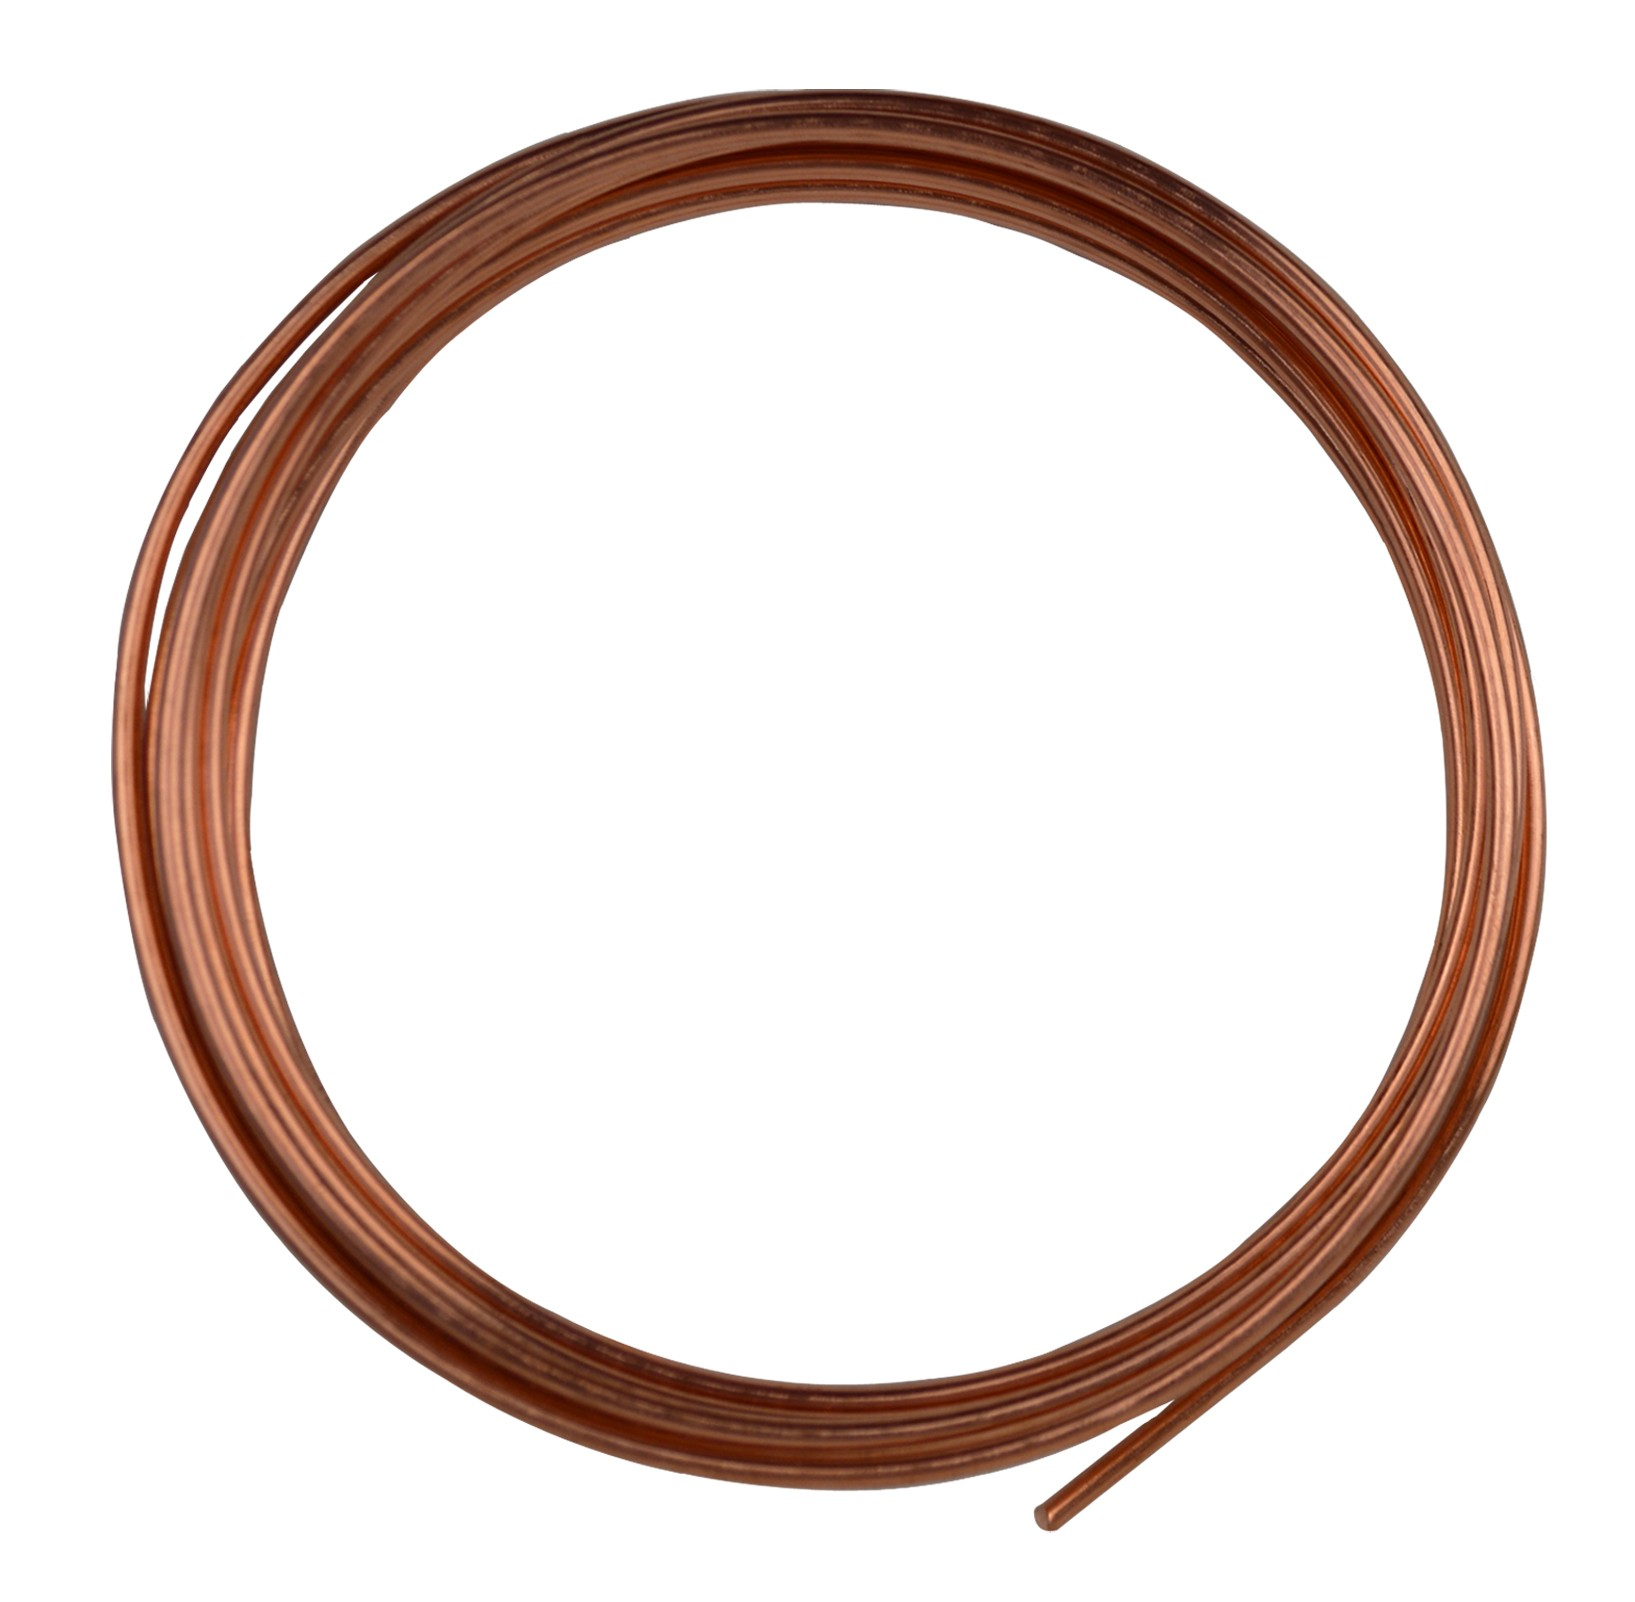 10 Round Dead Soft Copper Wire 10 Gauge